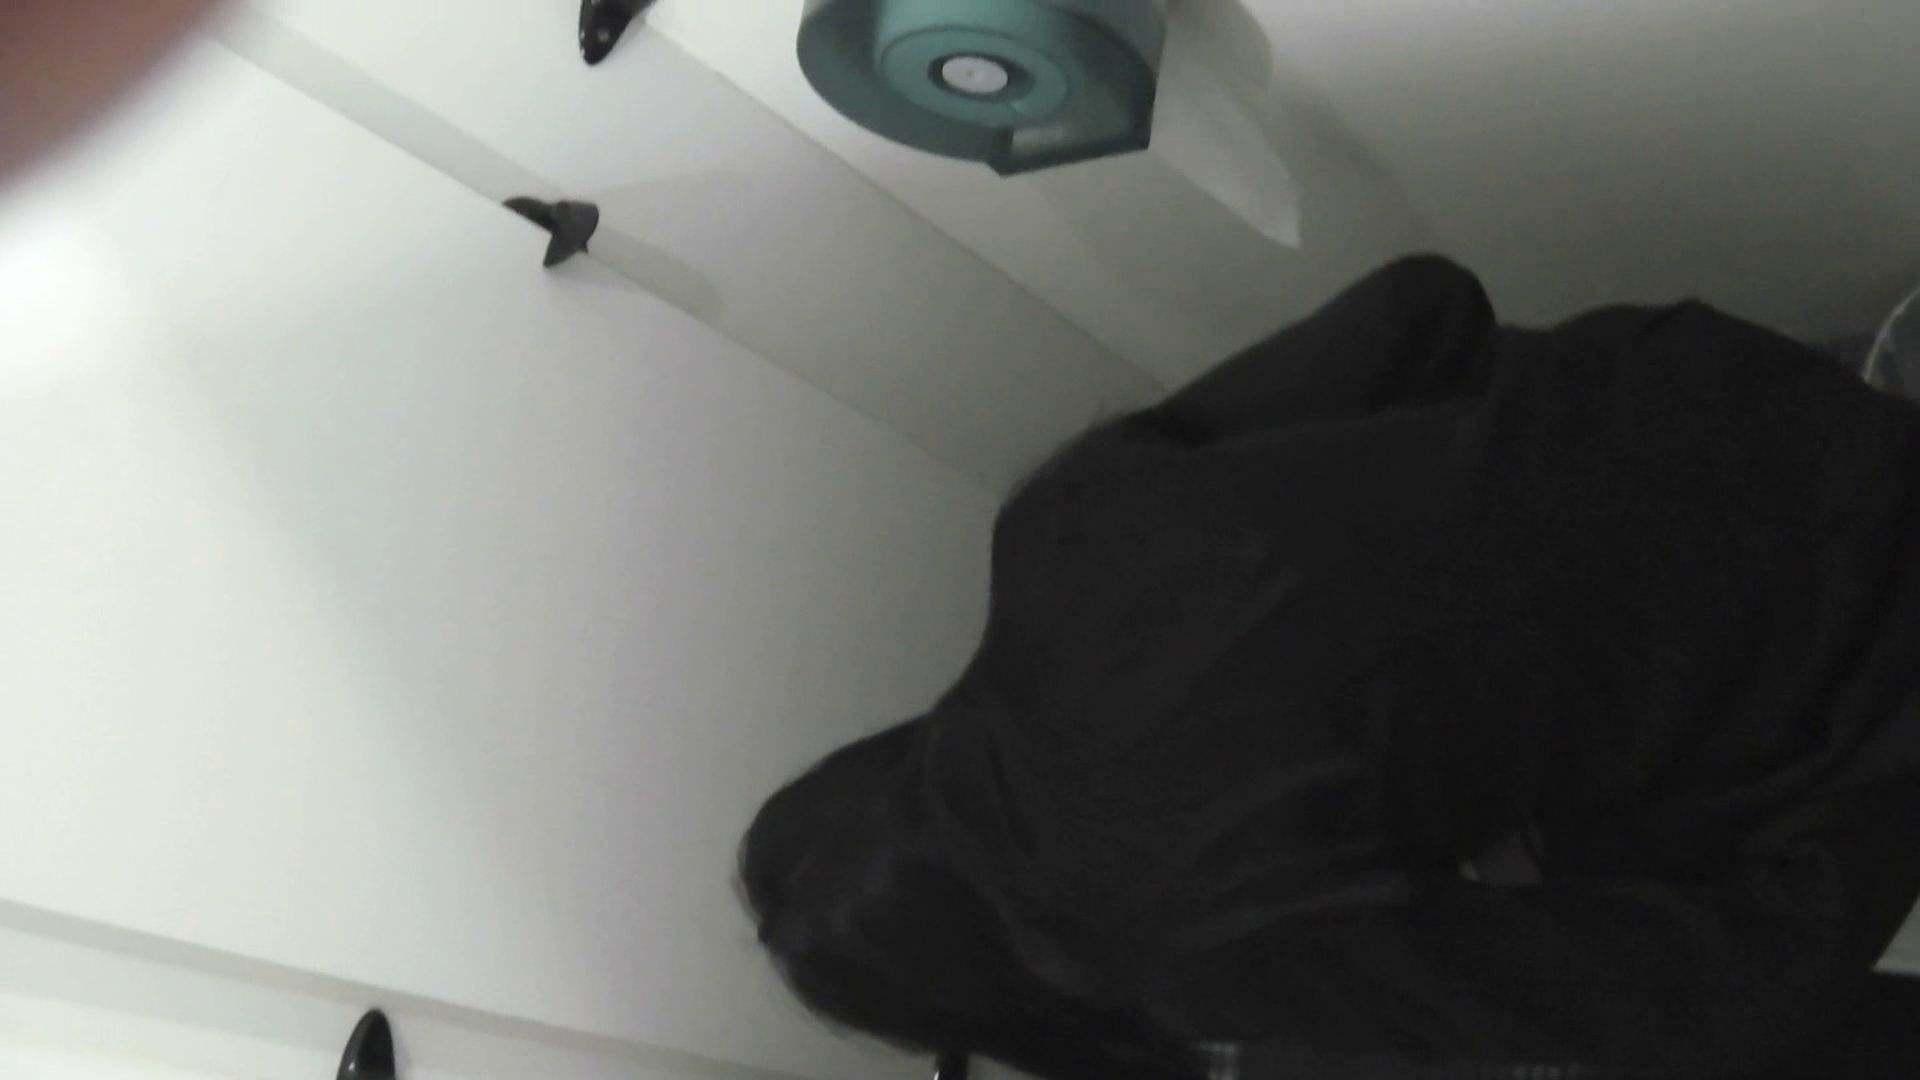 【日本成人用品展览会。超模如云】vol.01 着替|空爆 潜入突撃 | 着替え  103pic 73